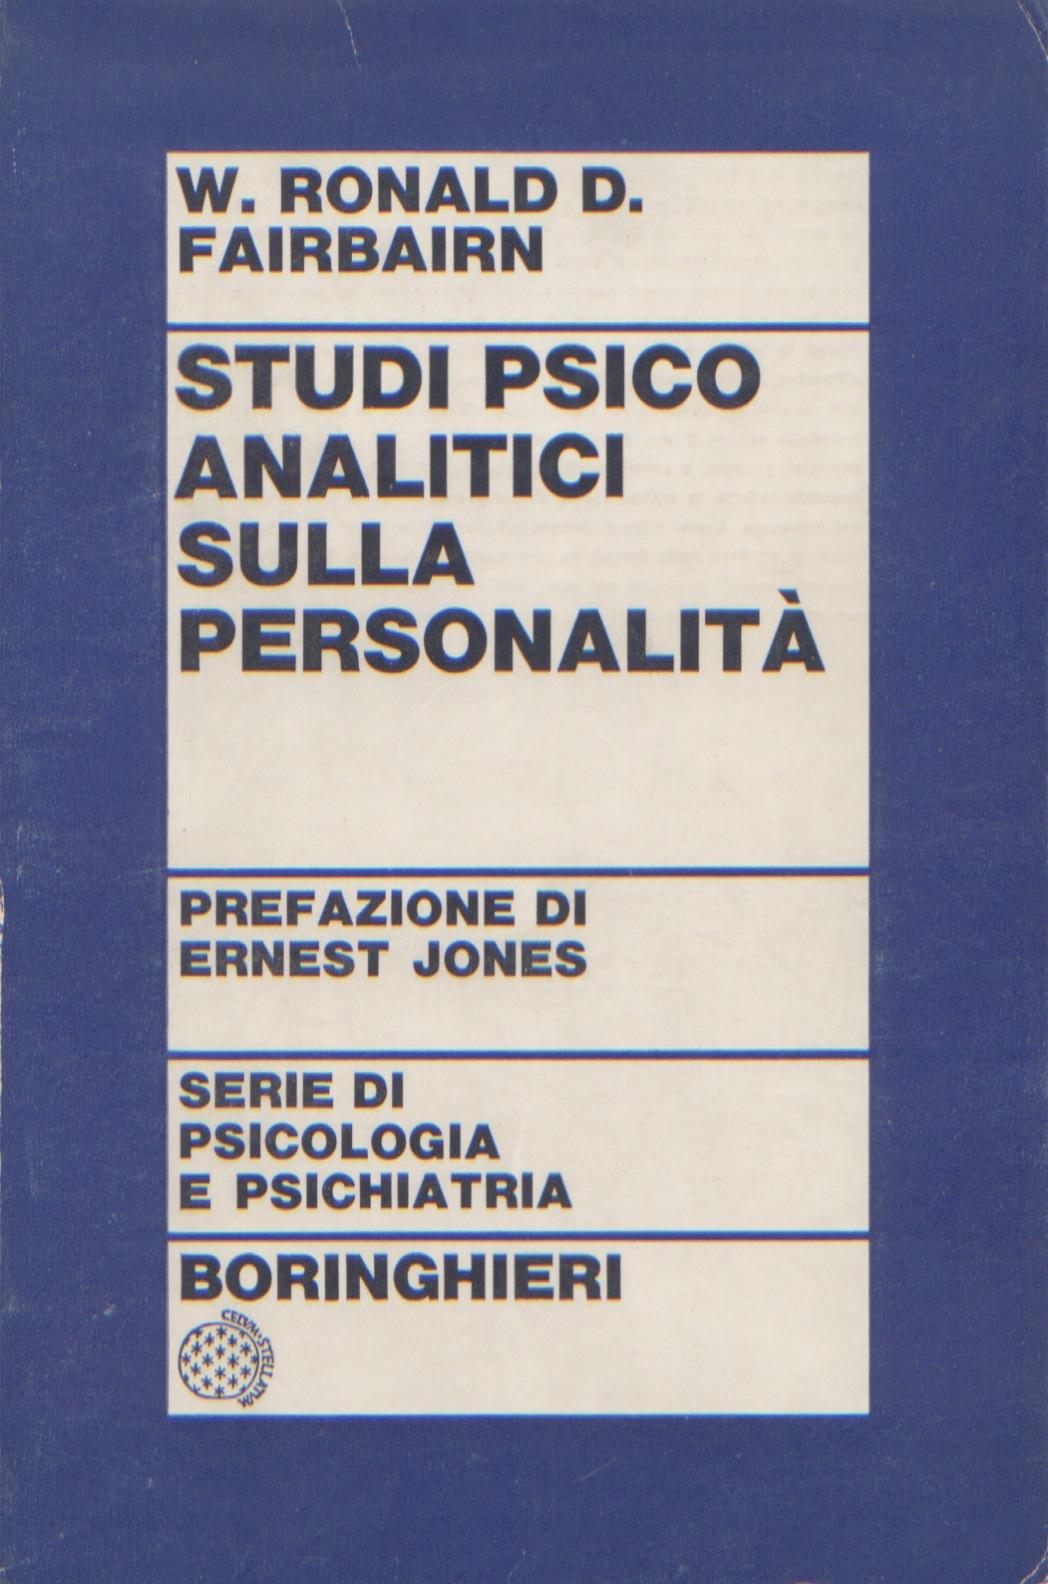 Studi psicoanalitici sulla personalità